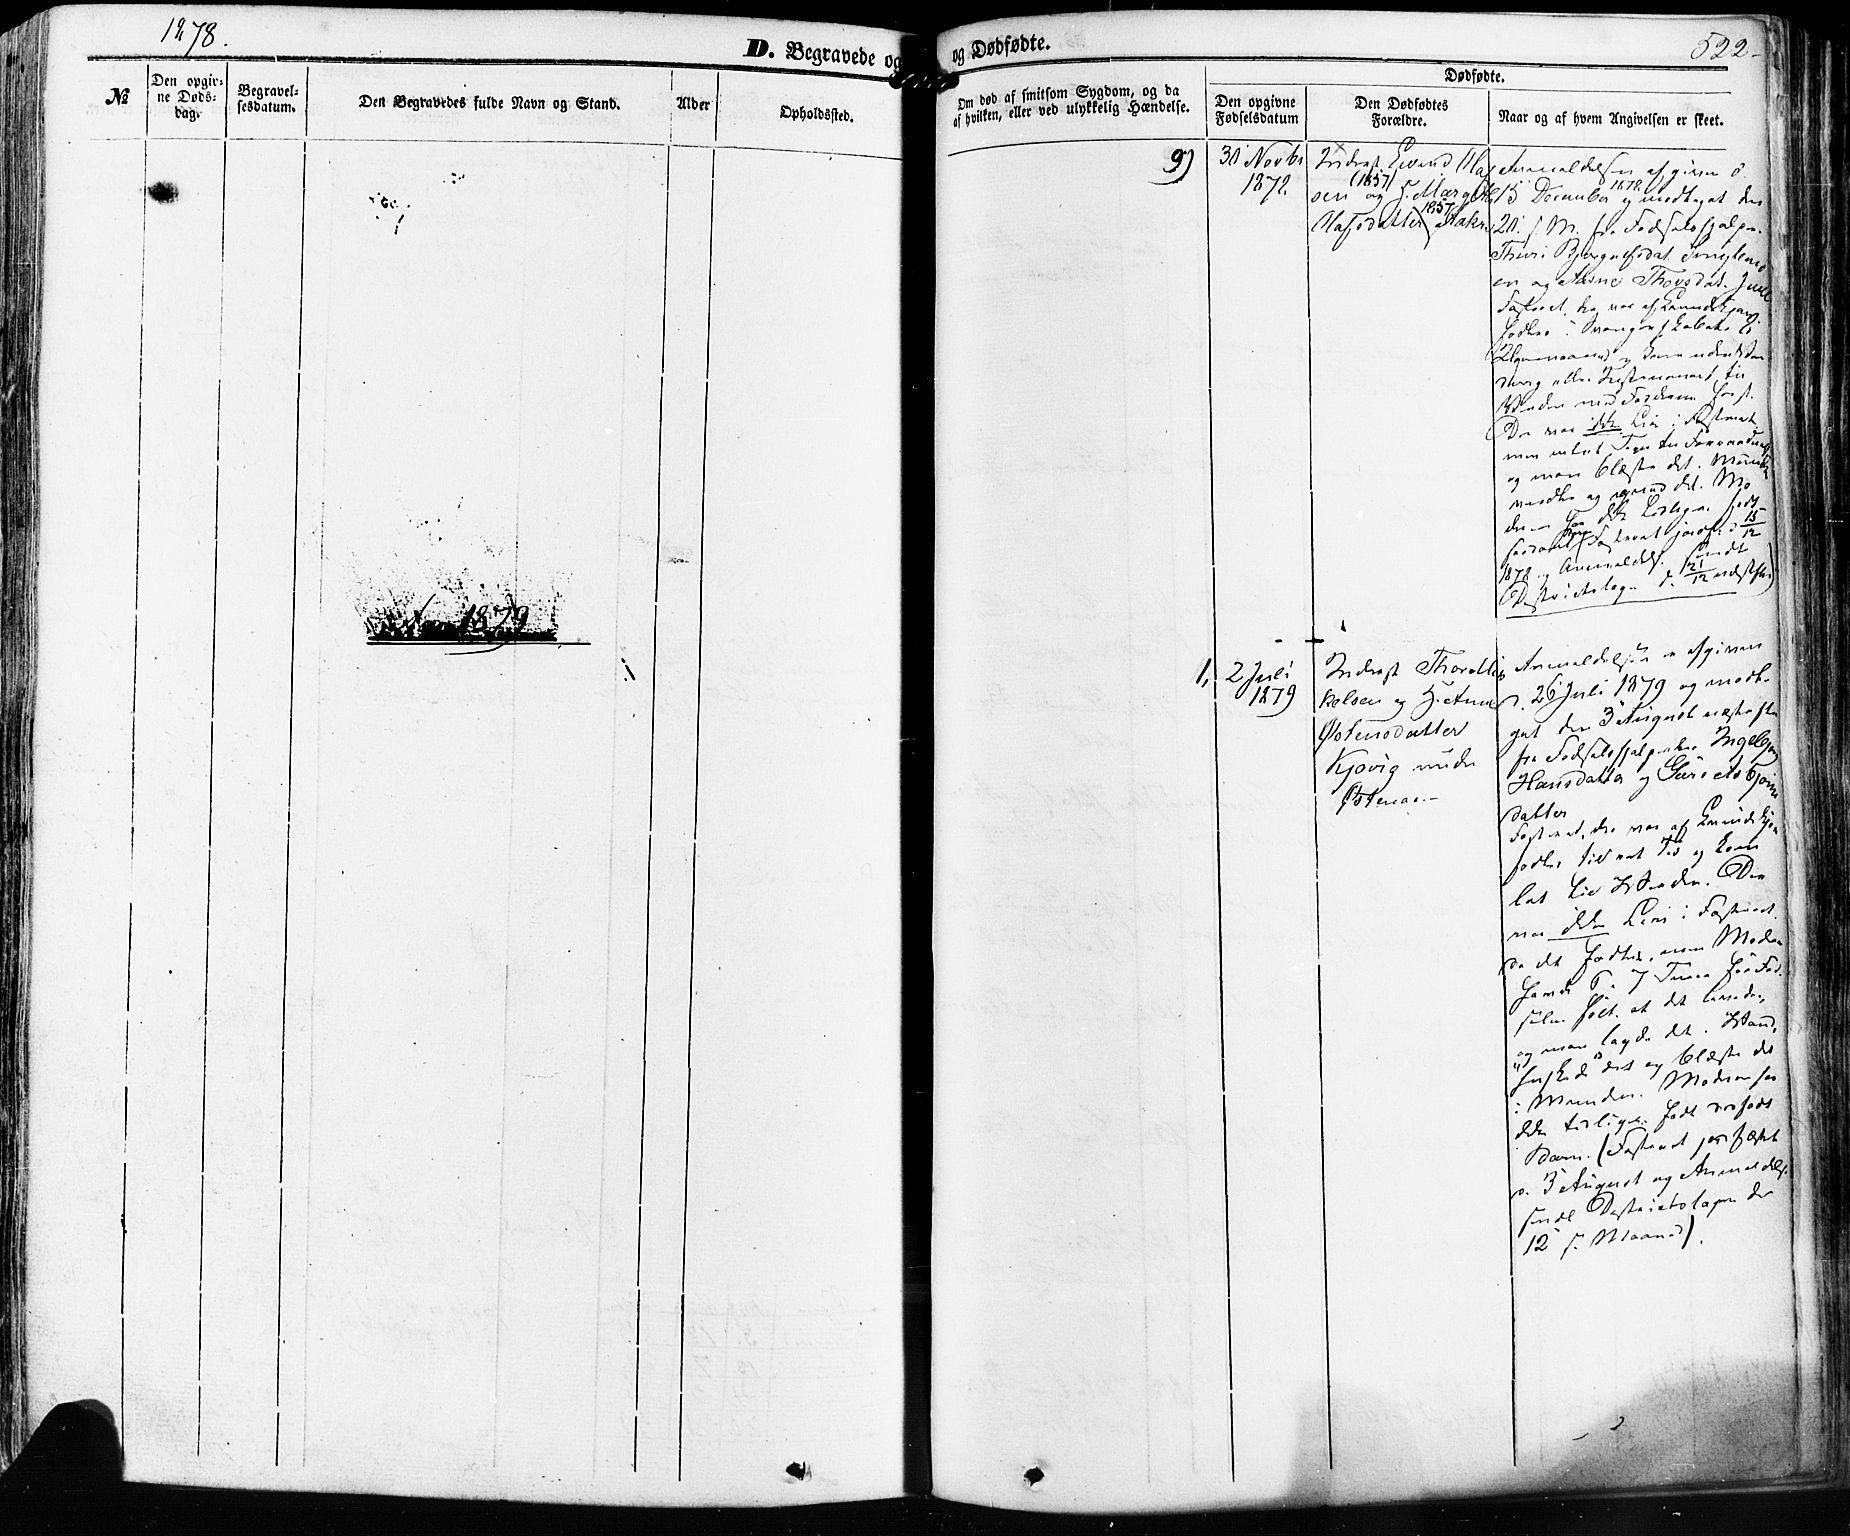 SAKO, Kviteseid kirkebøker, F/Fa/L0007: Ministerialbok nr. I 7, 1859-1881, s. 522